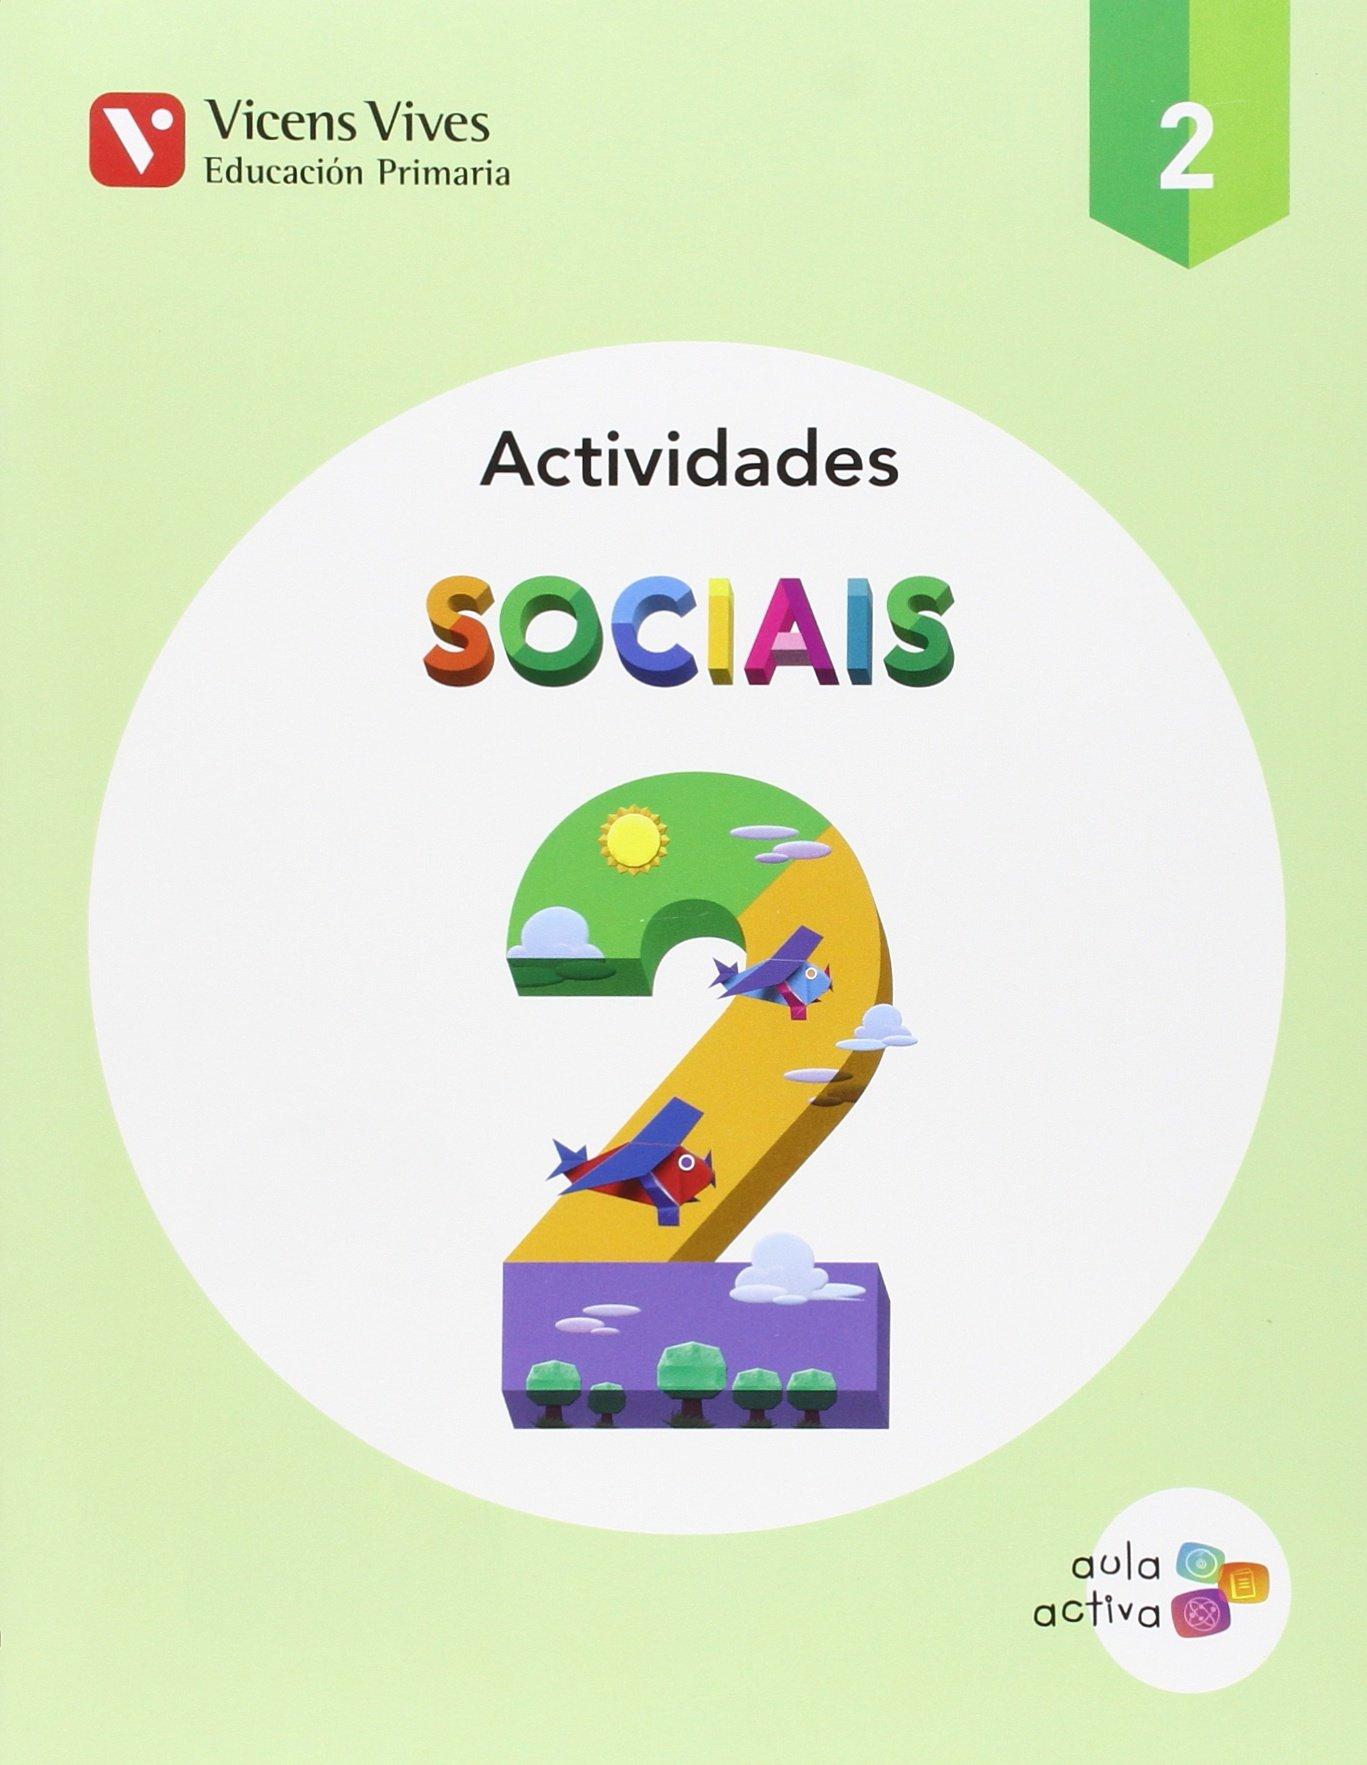 SOCIAIS 2 ACTIVIDADES AULA ACTIVA : 000001 - 9788468230214: Amazon.es: Equipo Editorial, Equipo Editorial: Libros